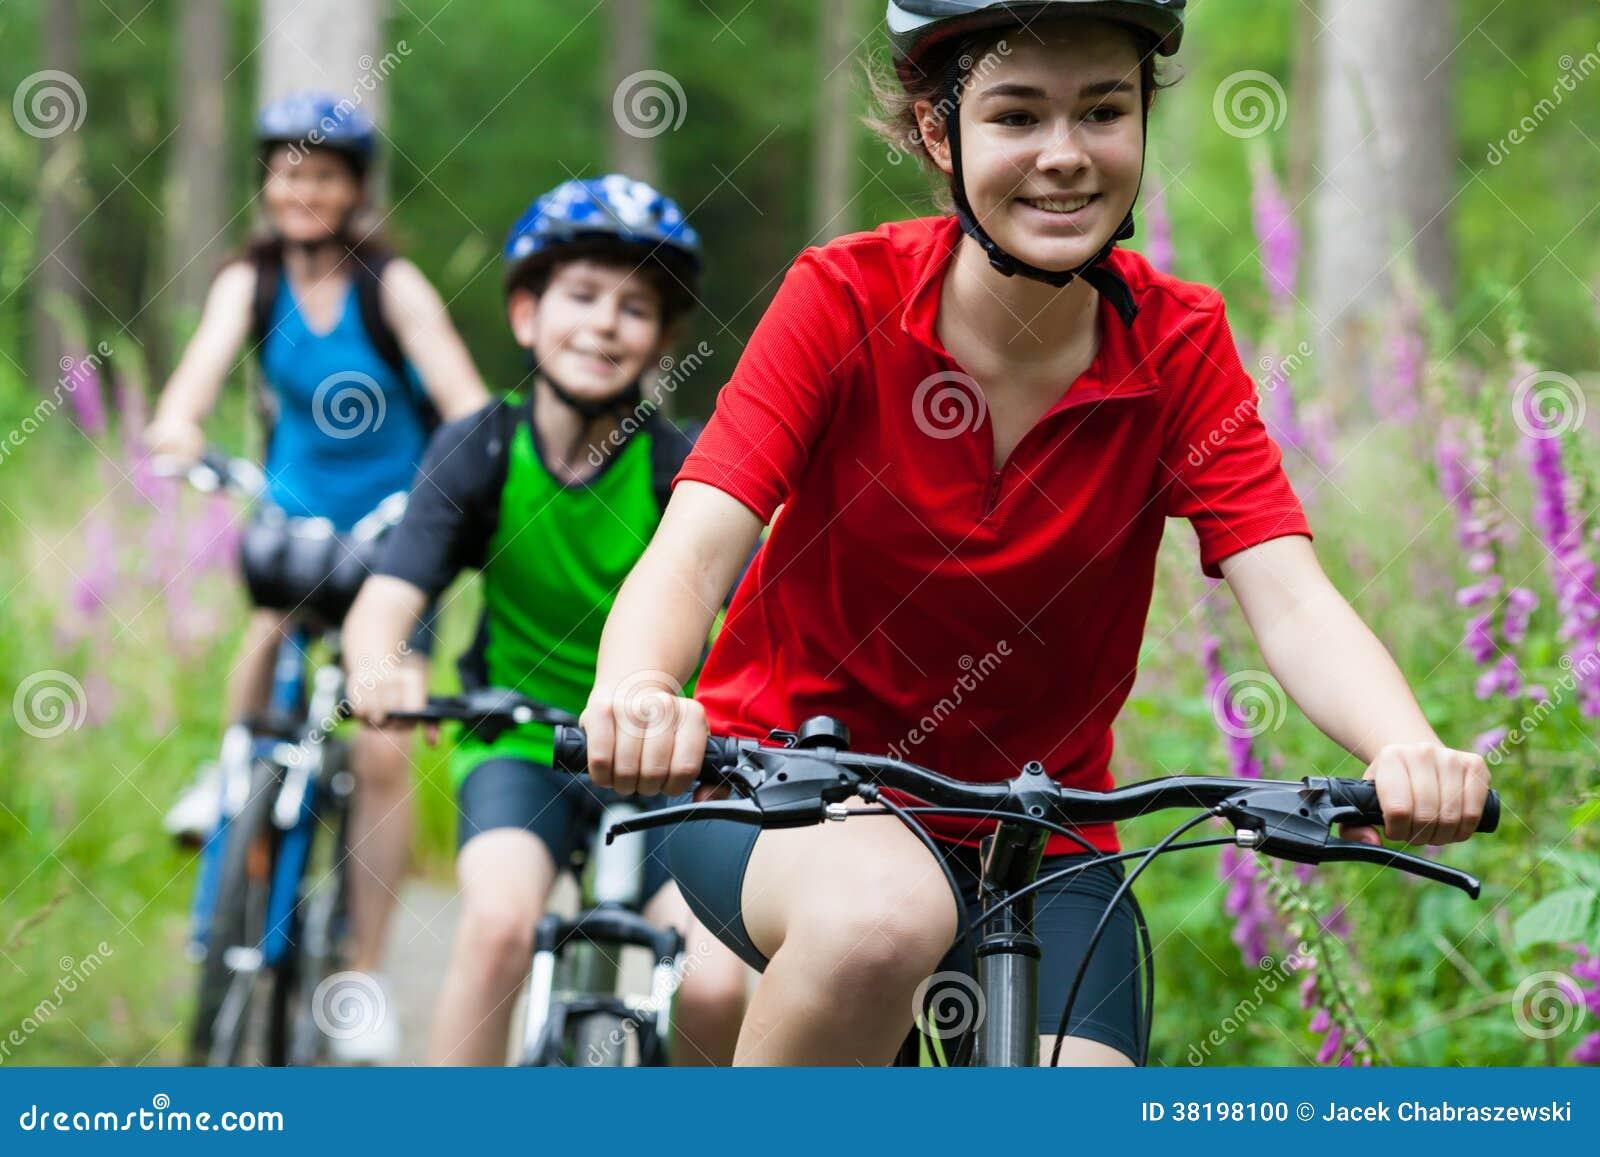 Велосипед семьи